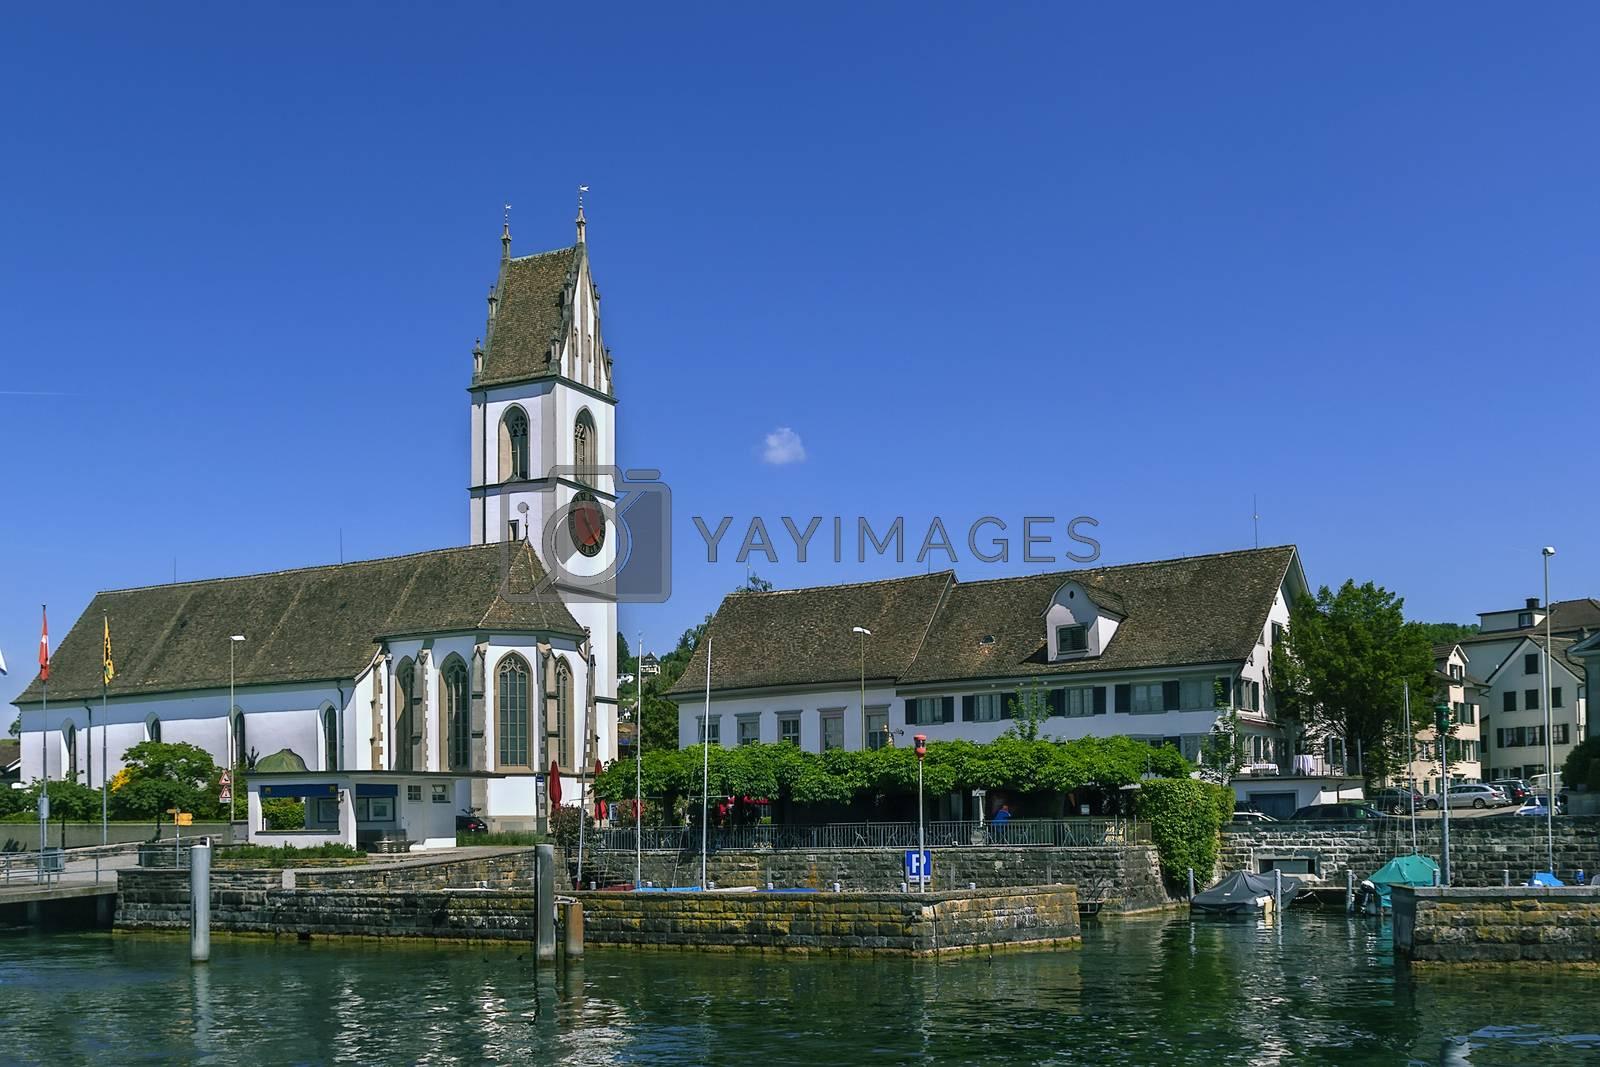 church on Zurich lake, Switzerland by borisb17